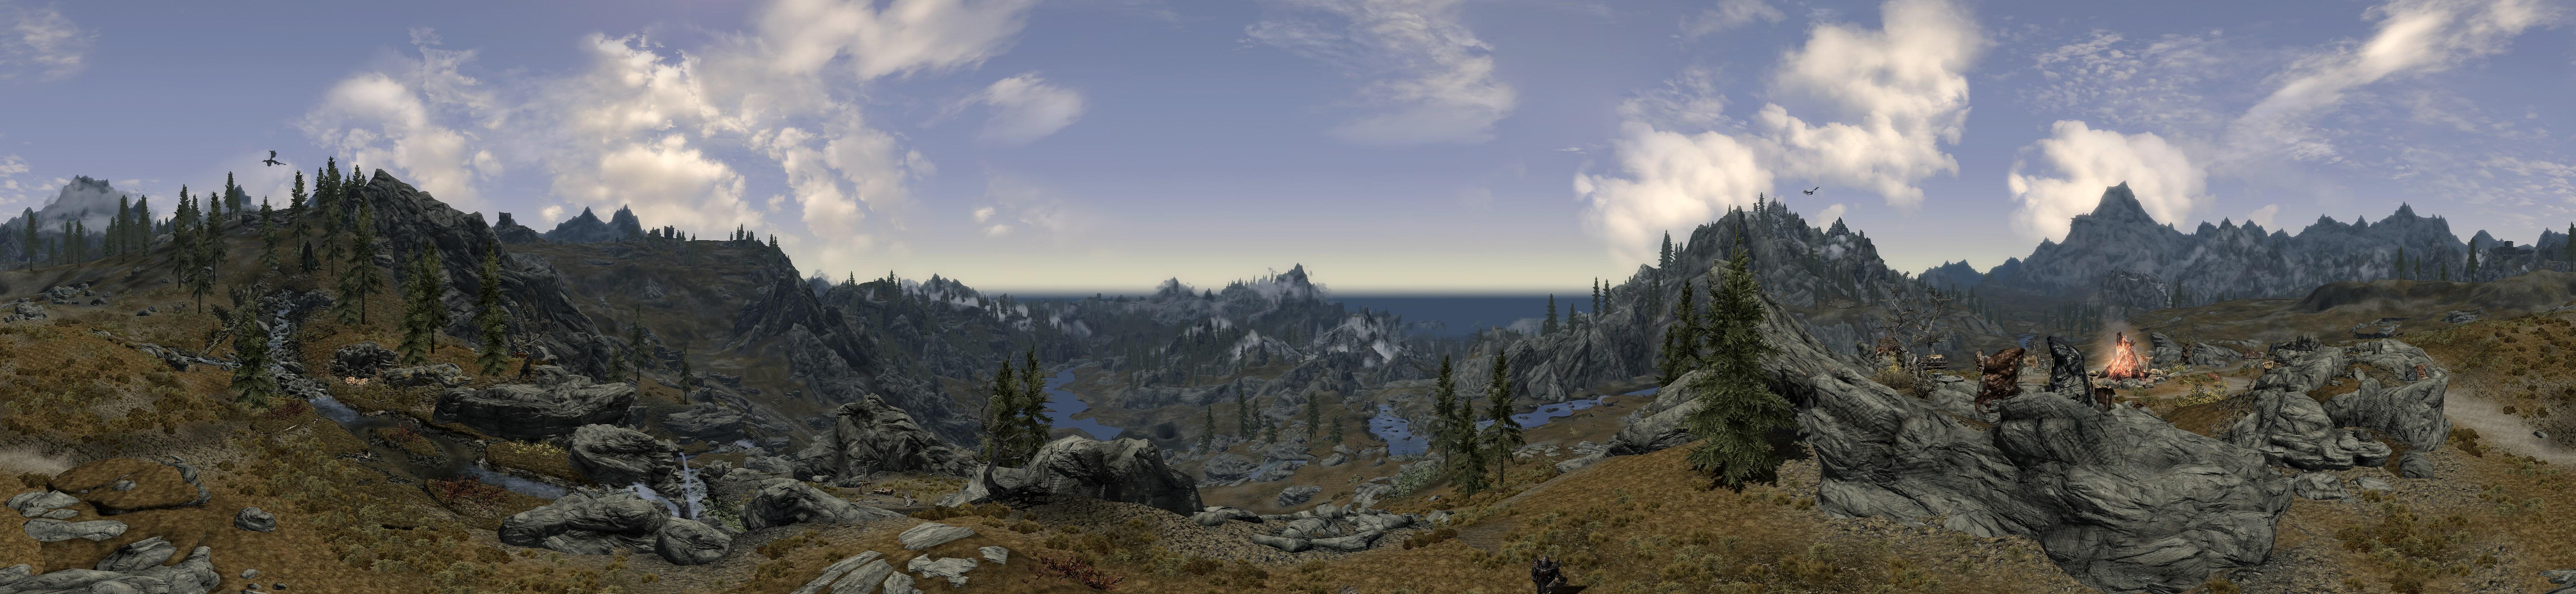 Skyrim panoramas snakebyte studios for Camp stone